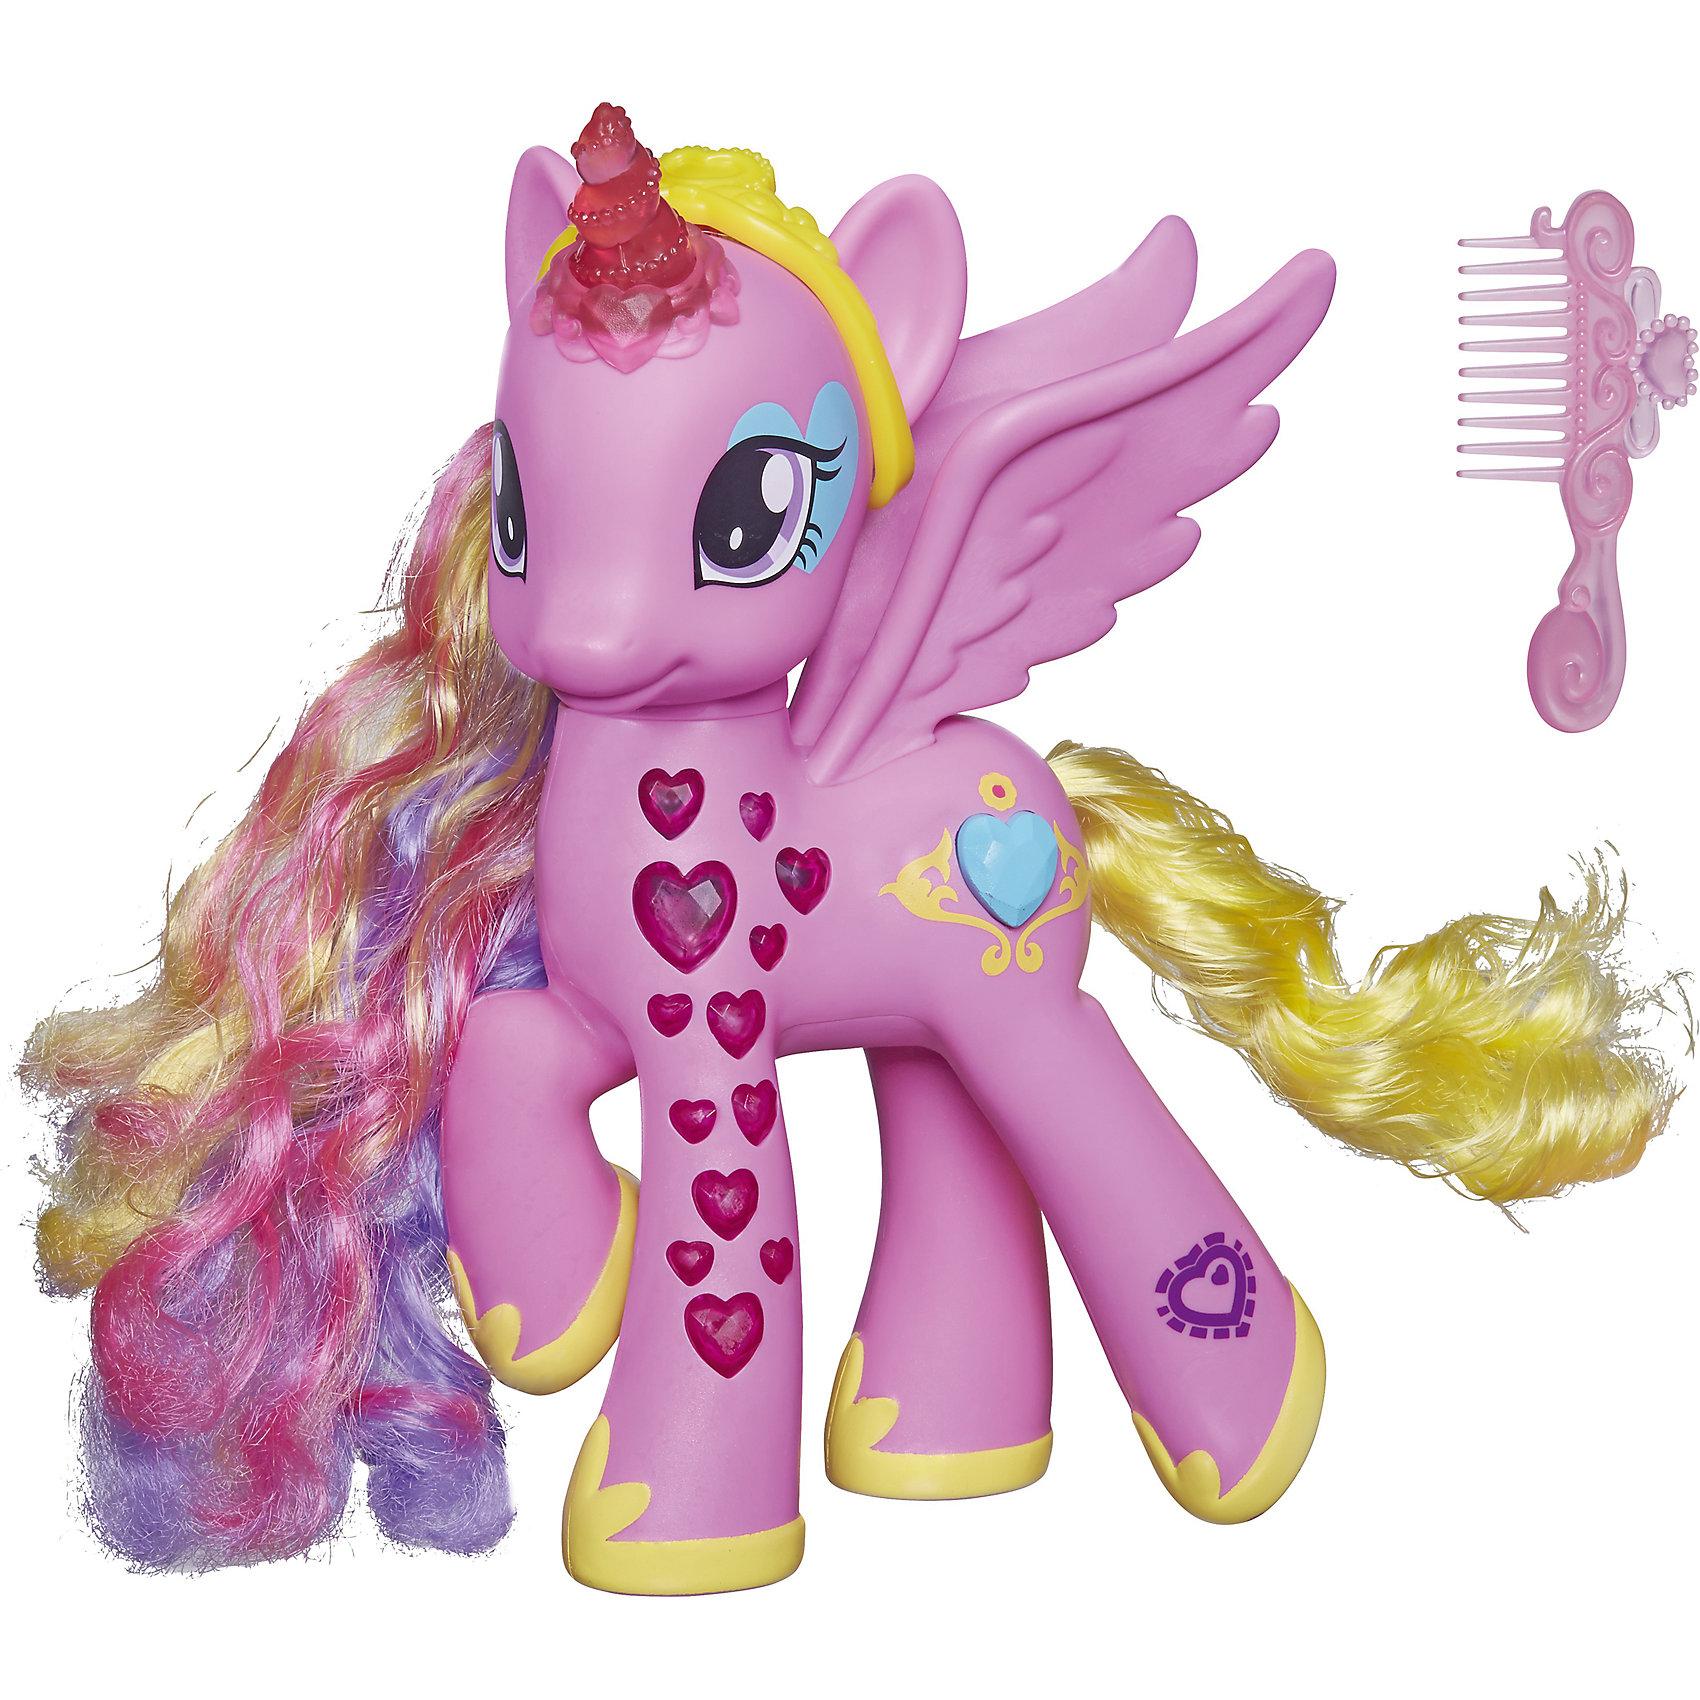 Пони-модница Принцесса Каденс, My little PonyИнтерактивная игрушка Пони-модница Принцесса Каденс, My little Pony (Мой маленький Пони) – это добрая и отзывчивая пони-аликорн, Повелительница Кристальной империи, воспитавшая Твайлайт Спаркл. Она выглядит точно так же как и в мультфильме Дружба – это чудо!. Ее шикарную гриву и пышный хвостик можно расчесывать специальной расческой из комплекта, а с помощью аксессуаров для гривы девочка может создавать самые невообразимые прически. <br><br>Характеристики:<br>-На игрушке находится QR-код в виде сердечка, который дает доступ к интересному игровому разделу в официальном приложении<br>-Принцесса Каденс умеет произносить фразы из мультика на русском языке<br>-При нажатии на голубой кристалл в золотой оправе на боку игрушки загораются копыта и рог<br>-Сделать игрушку по-настоящему уникальной помогут наклейки, которыми можно украшать лошадку<br><br>Комплектация: пони Принцесса Каденс, расческа, аксессуары для гривы, наклейки для украшения<br><br>Дополнительная информация:<br>-Работает от батареек типа АА (входят в комплект)<br>-Материалы: пластмасса<br><br>Принцесса Каденс порадует всех юных поклонниц волшебных лошадок из популярного мультсериала Дружба – это чудо!<br><br>Пони-модница Принцесса Каденс, My little Pony (Мой маленький Пони) можно купить в нашем магазине.<br><br>Ширина мм: 79<br>Глубина мм: 254<br>Высота мм: 254<br>Вес г: 500<br>Возраст от месяцев: 60<br>Возраст до месяцев: 120<br>Пол: Женский<br>Возраст: Детский<br>SKU: 4188588